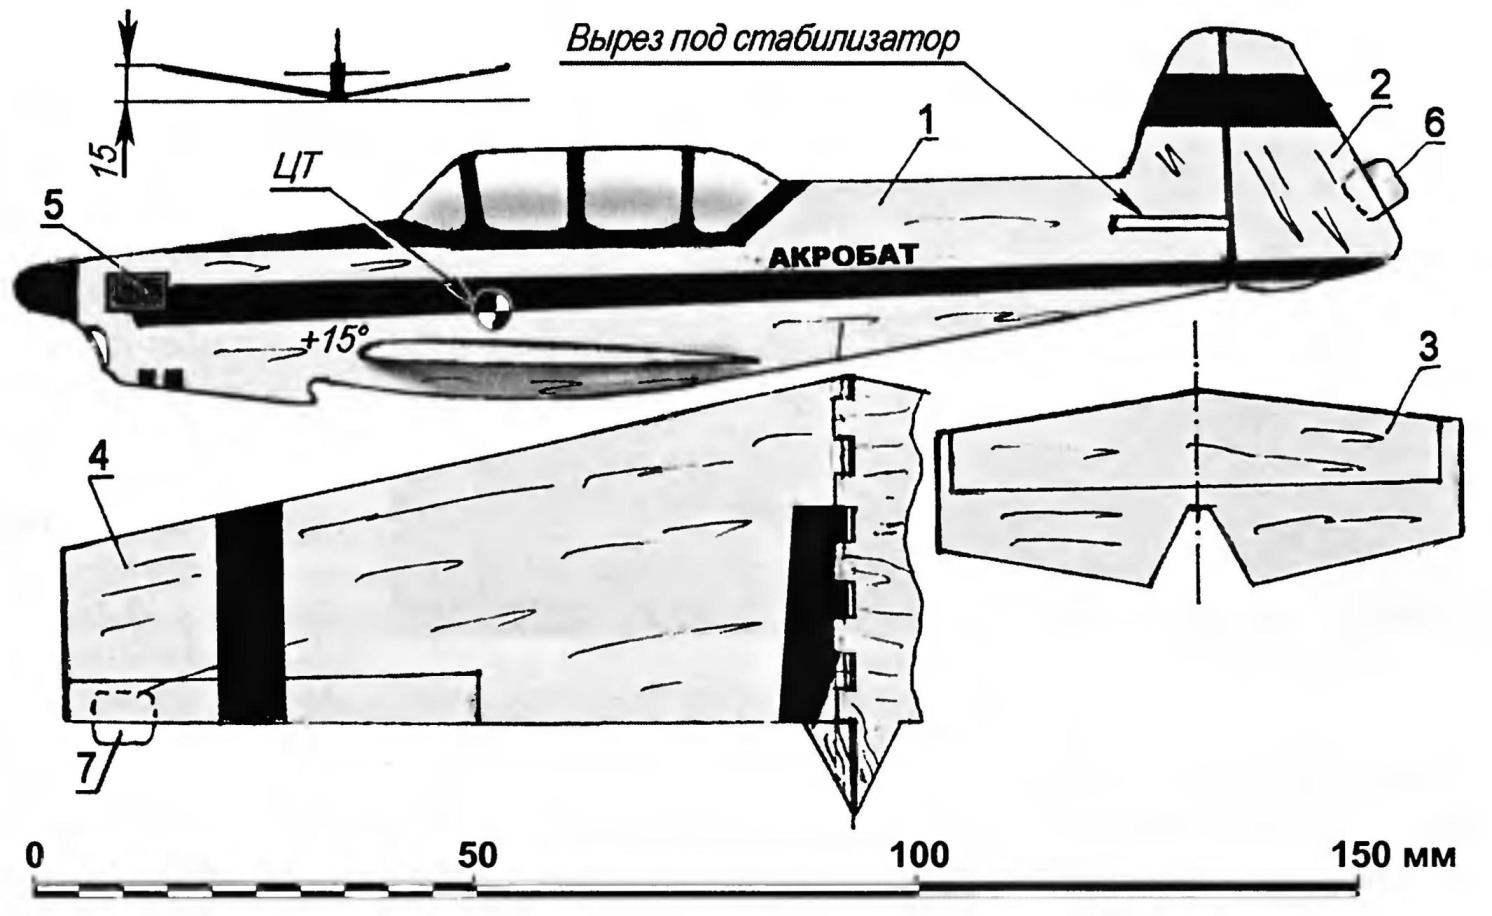 Пилотажная метательная авиамодель-полу-копия «Акробат»